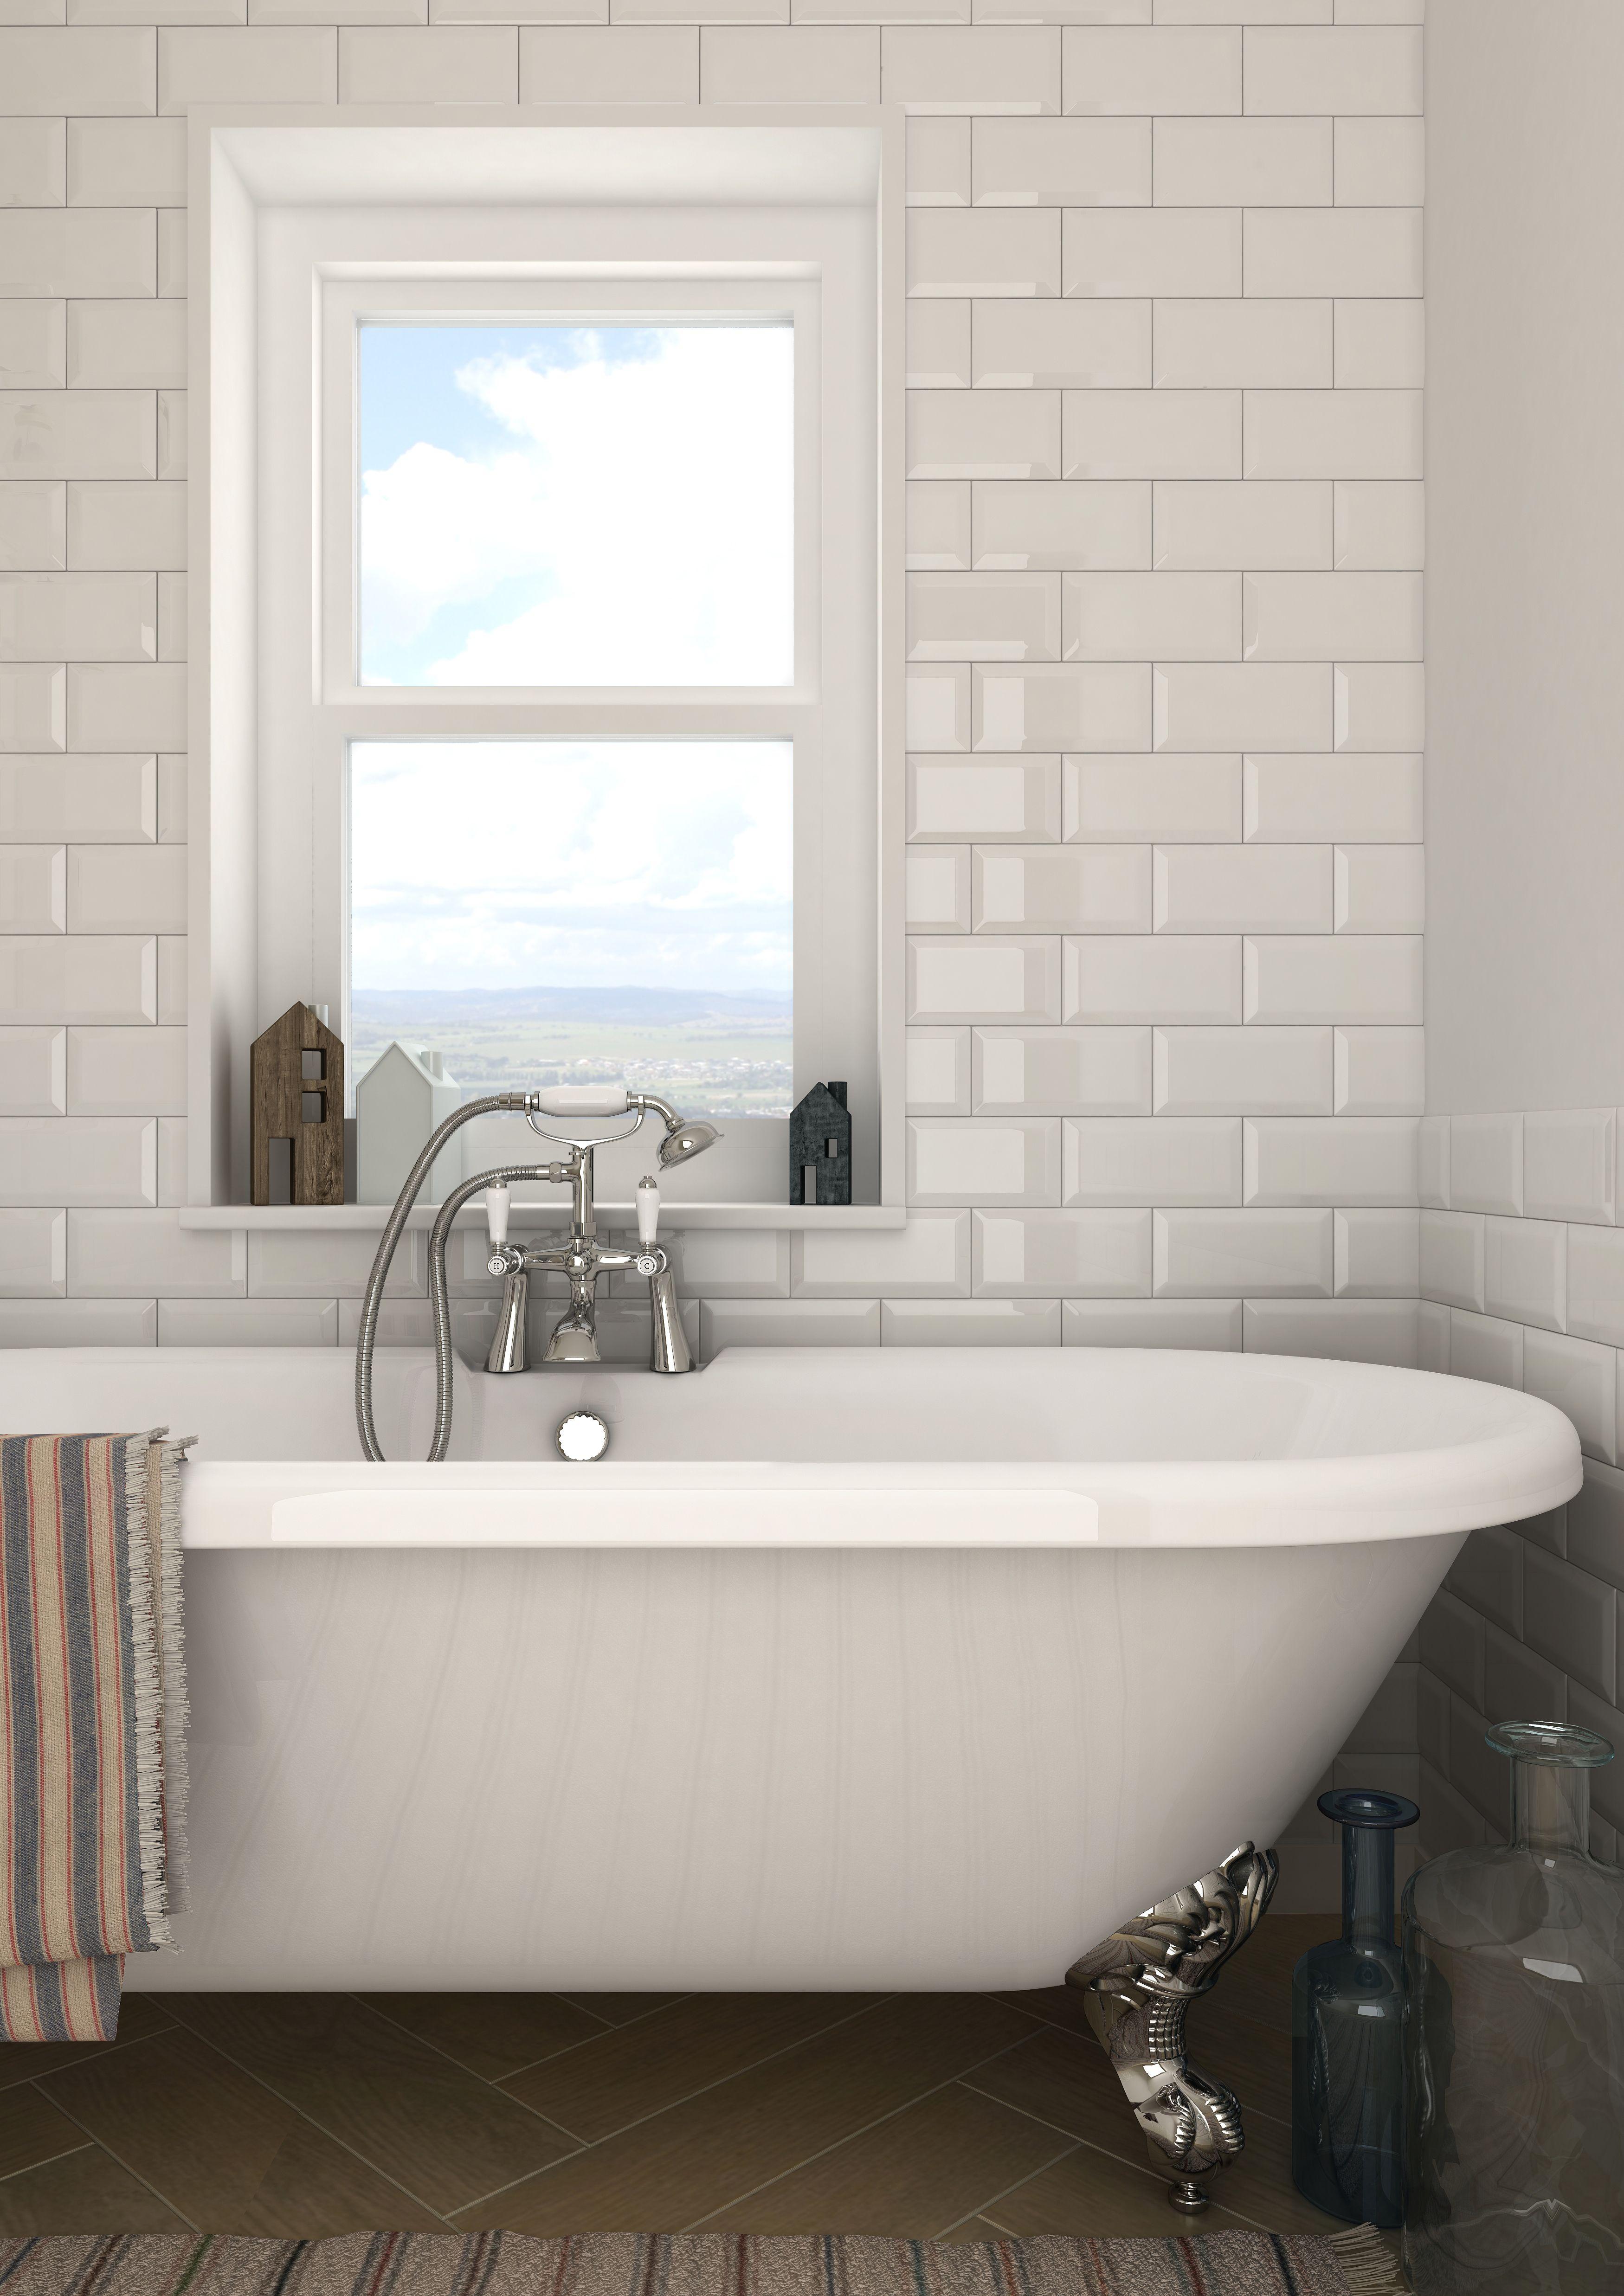 Victoria Metro Wall Tiles - Gloss White - 20 x 10cm | Pinterest ...